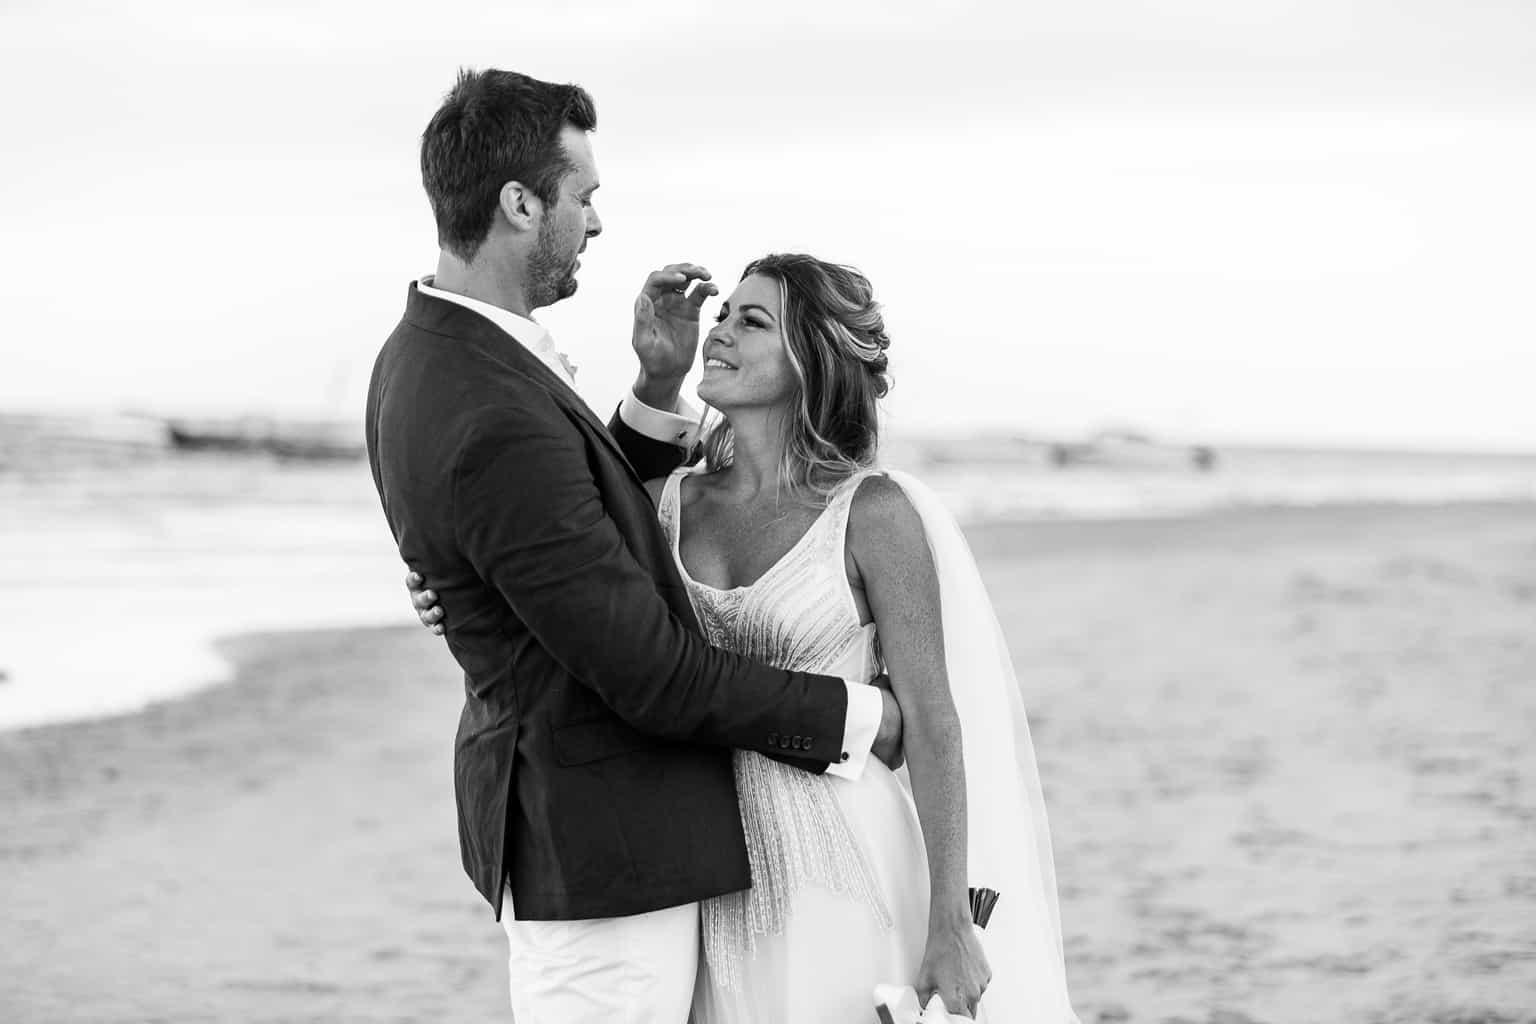 Casamento-Victoria-e-Christian-Fotografia-Tiago-Saldanha659_MG_1499